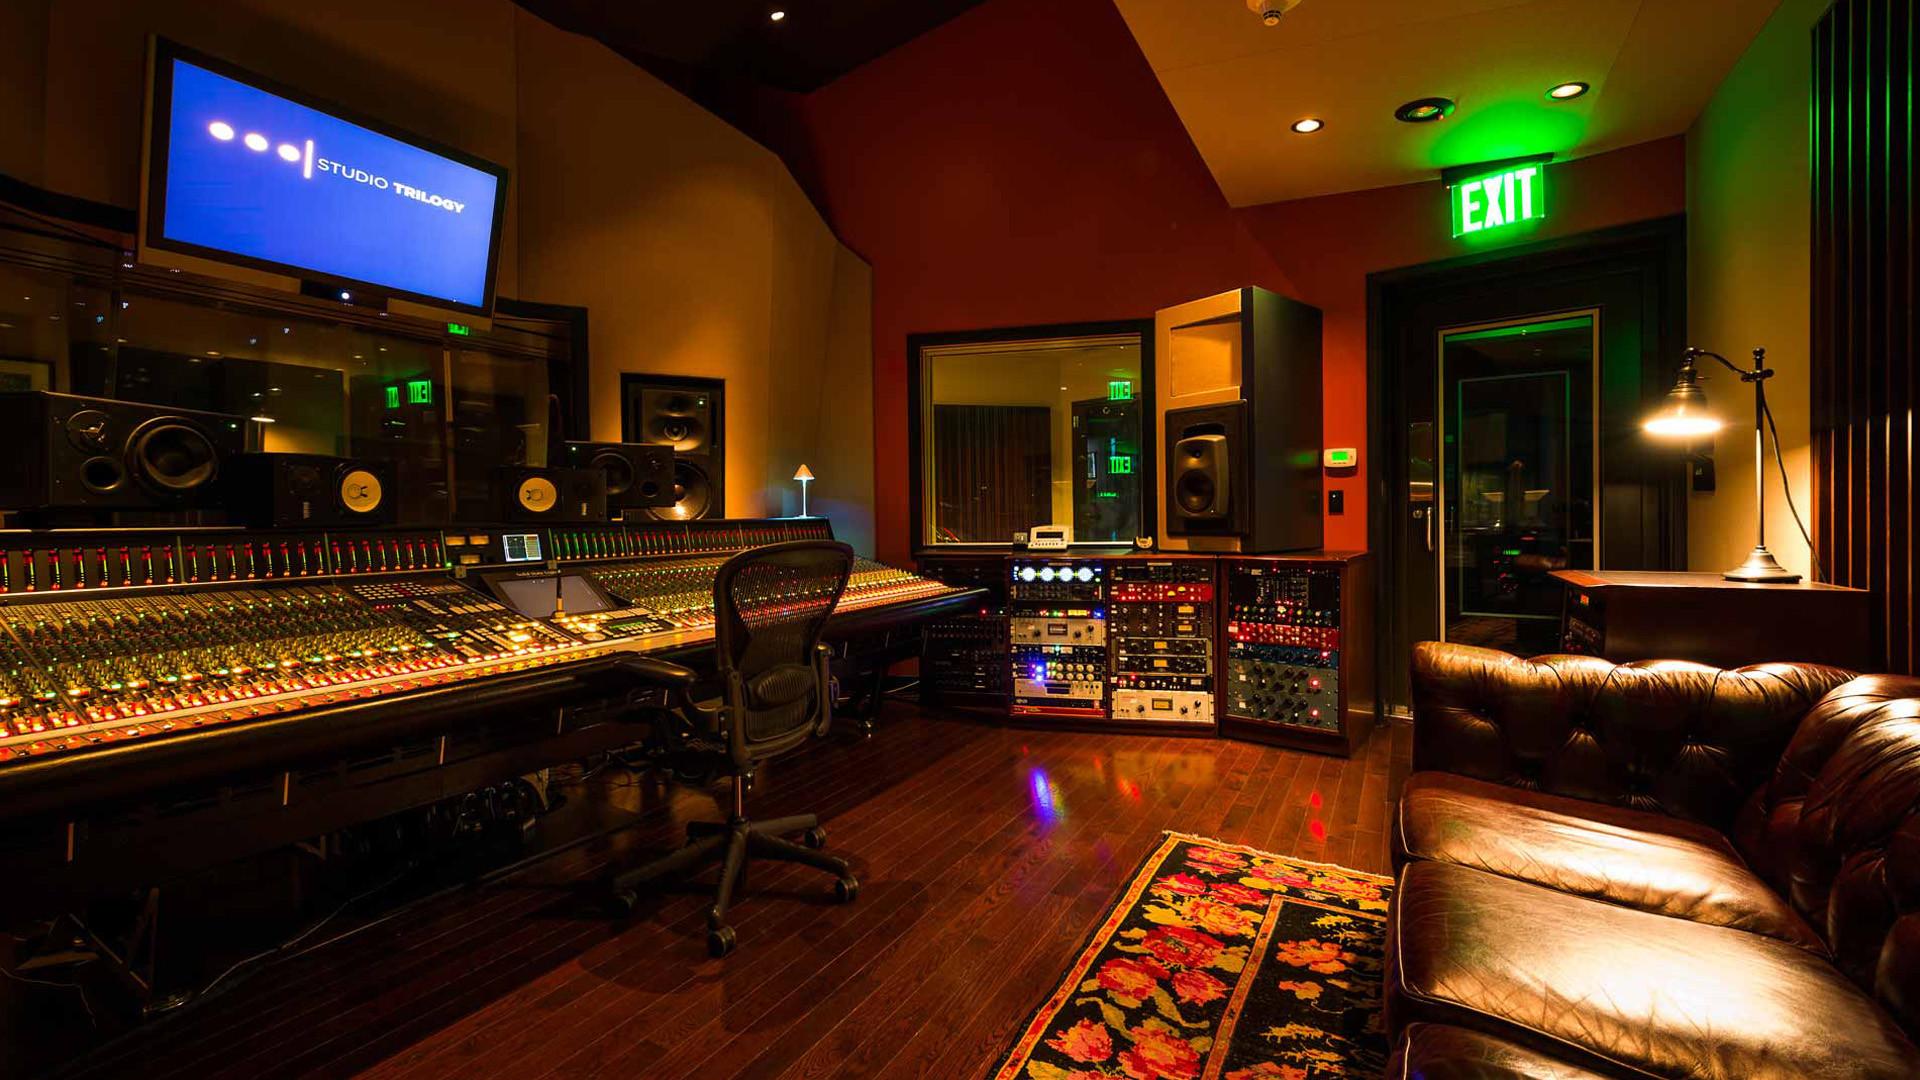 Music Studio Wallpaper for Pinterest